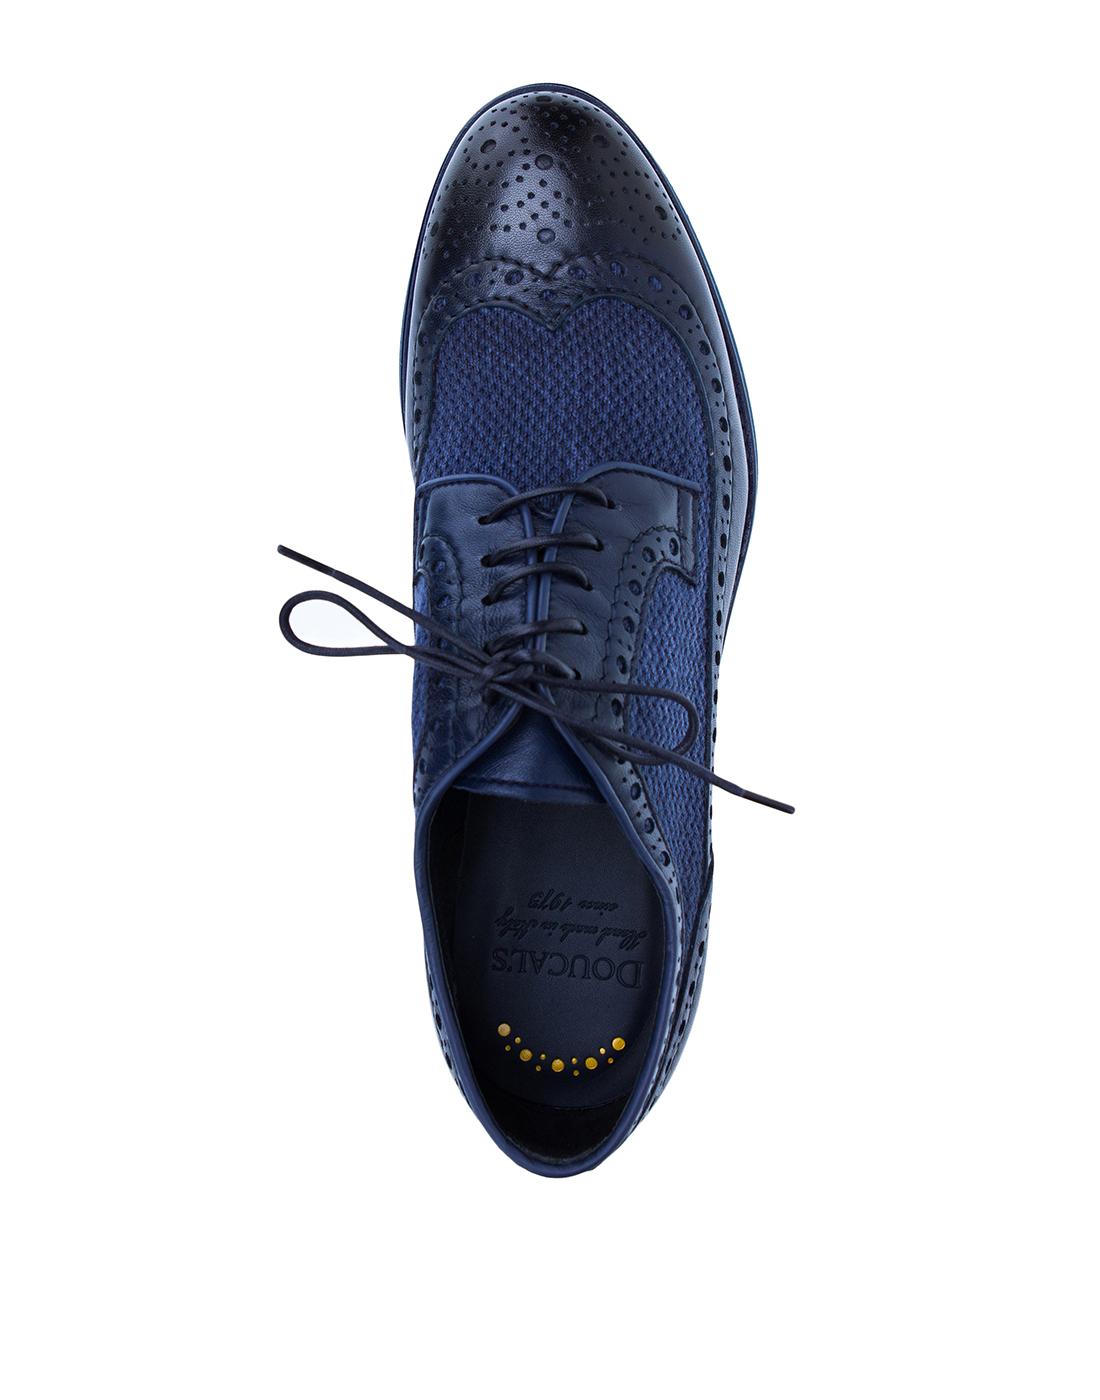 Броги синие мужские  Doucal's SDU1555POTERZ093BB02-5